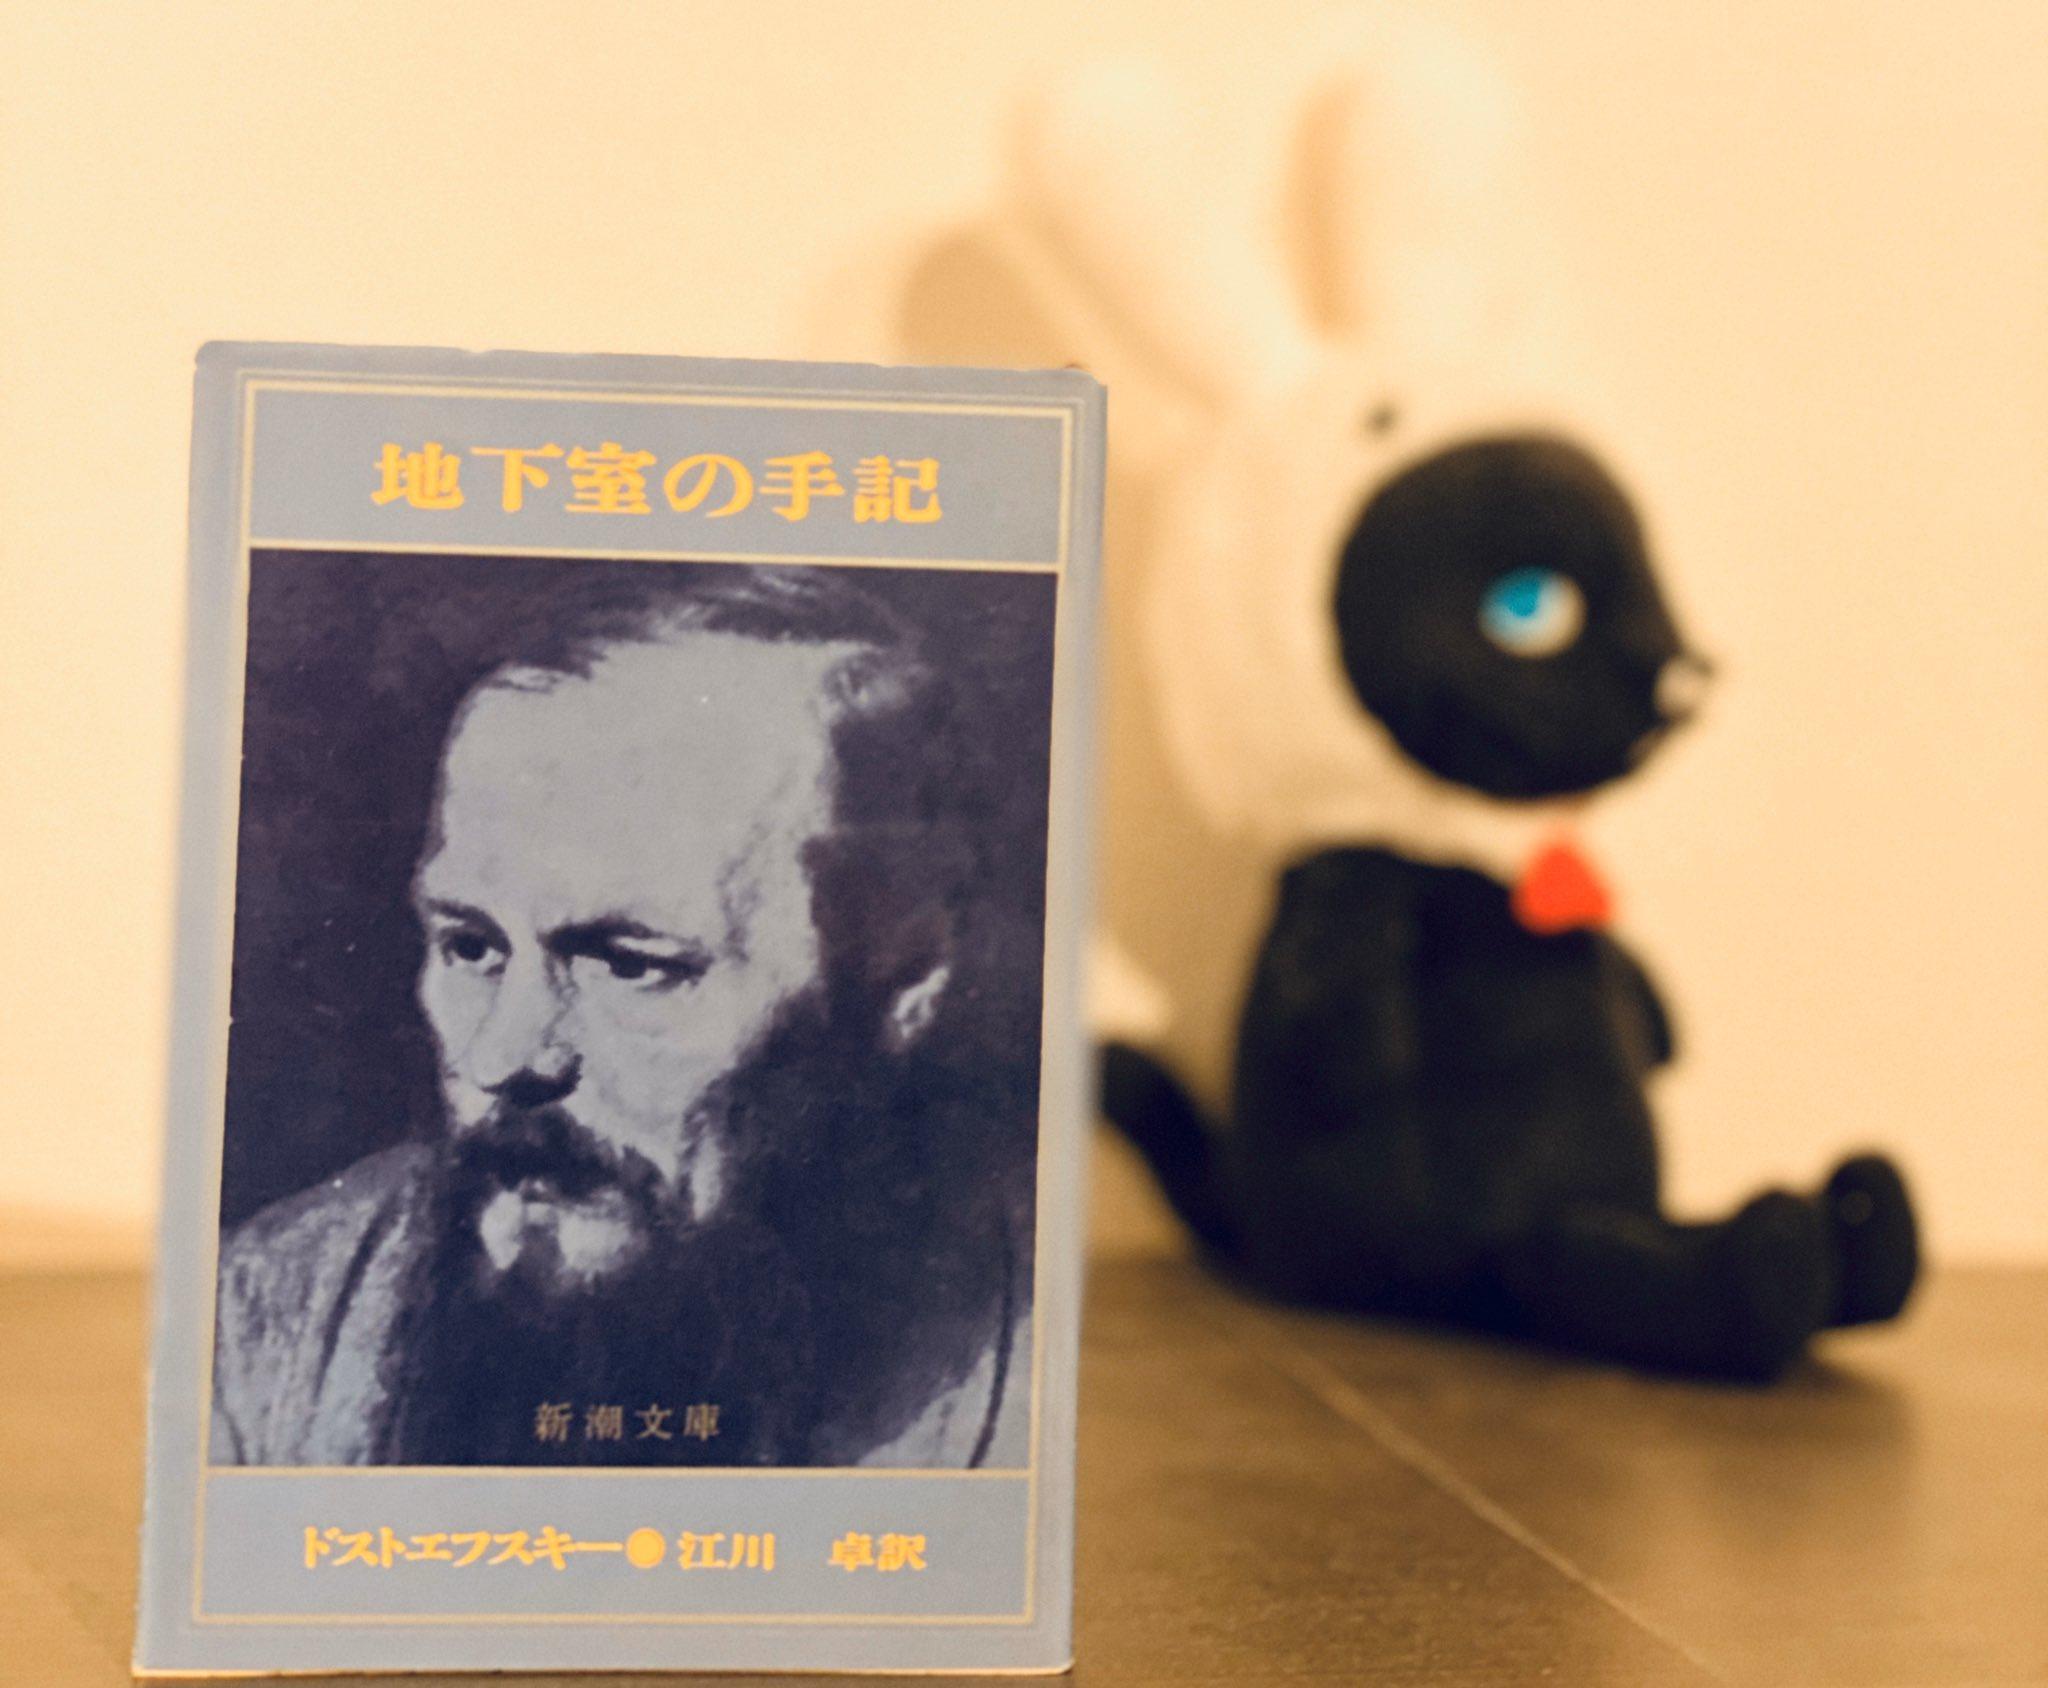 ドストエフスキー『地下室の手記』